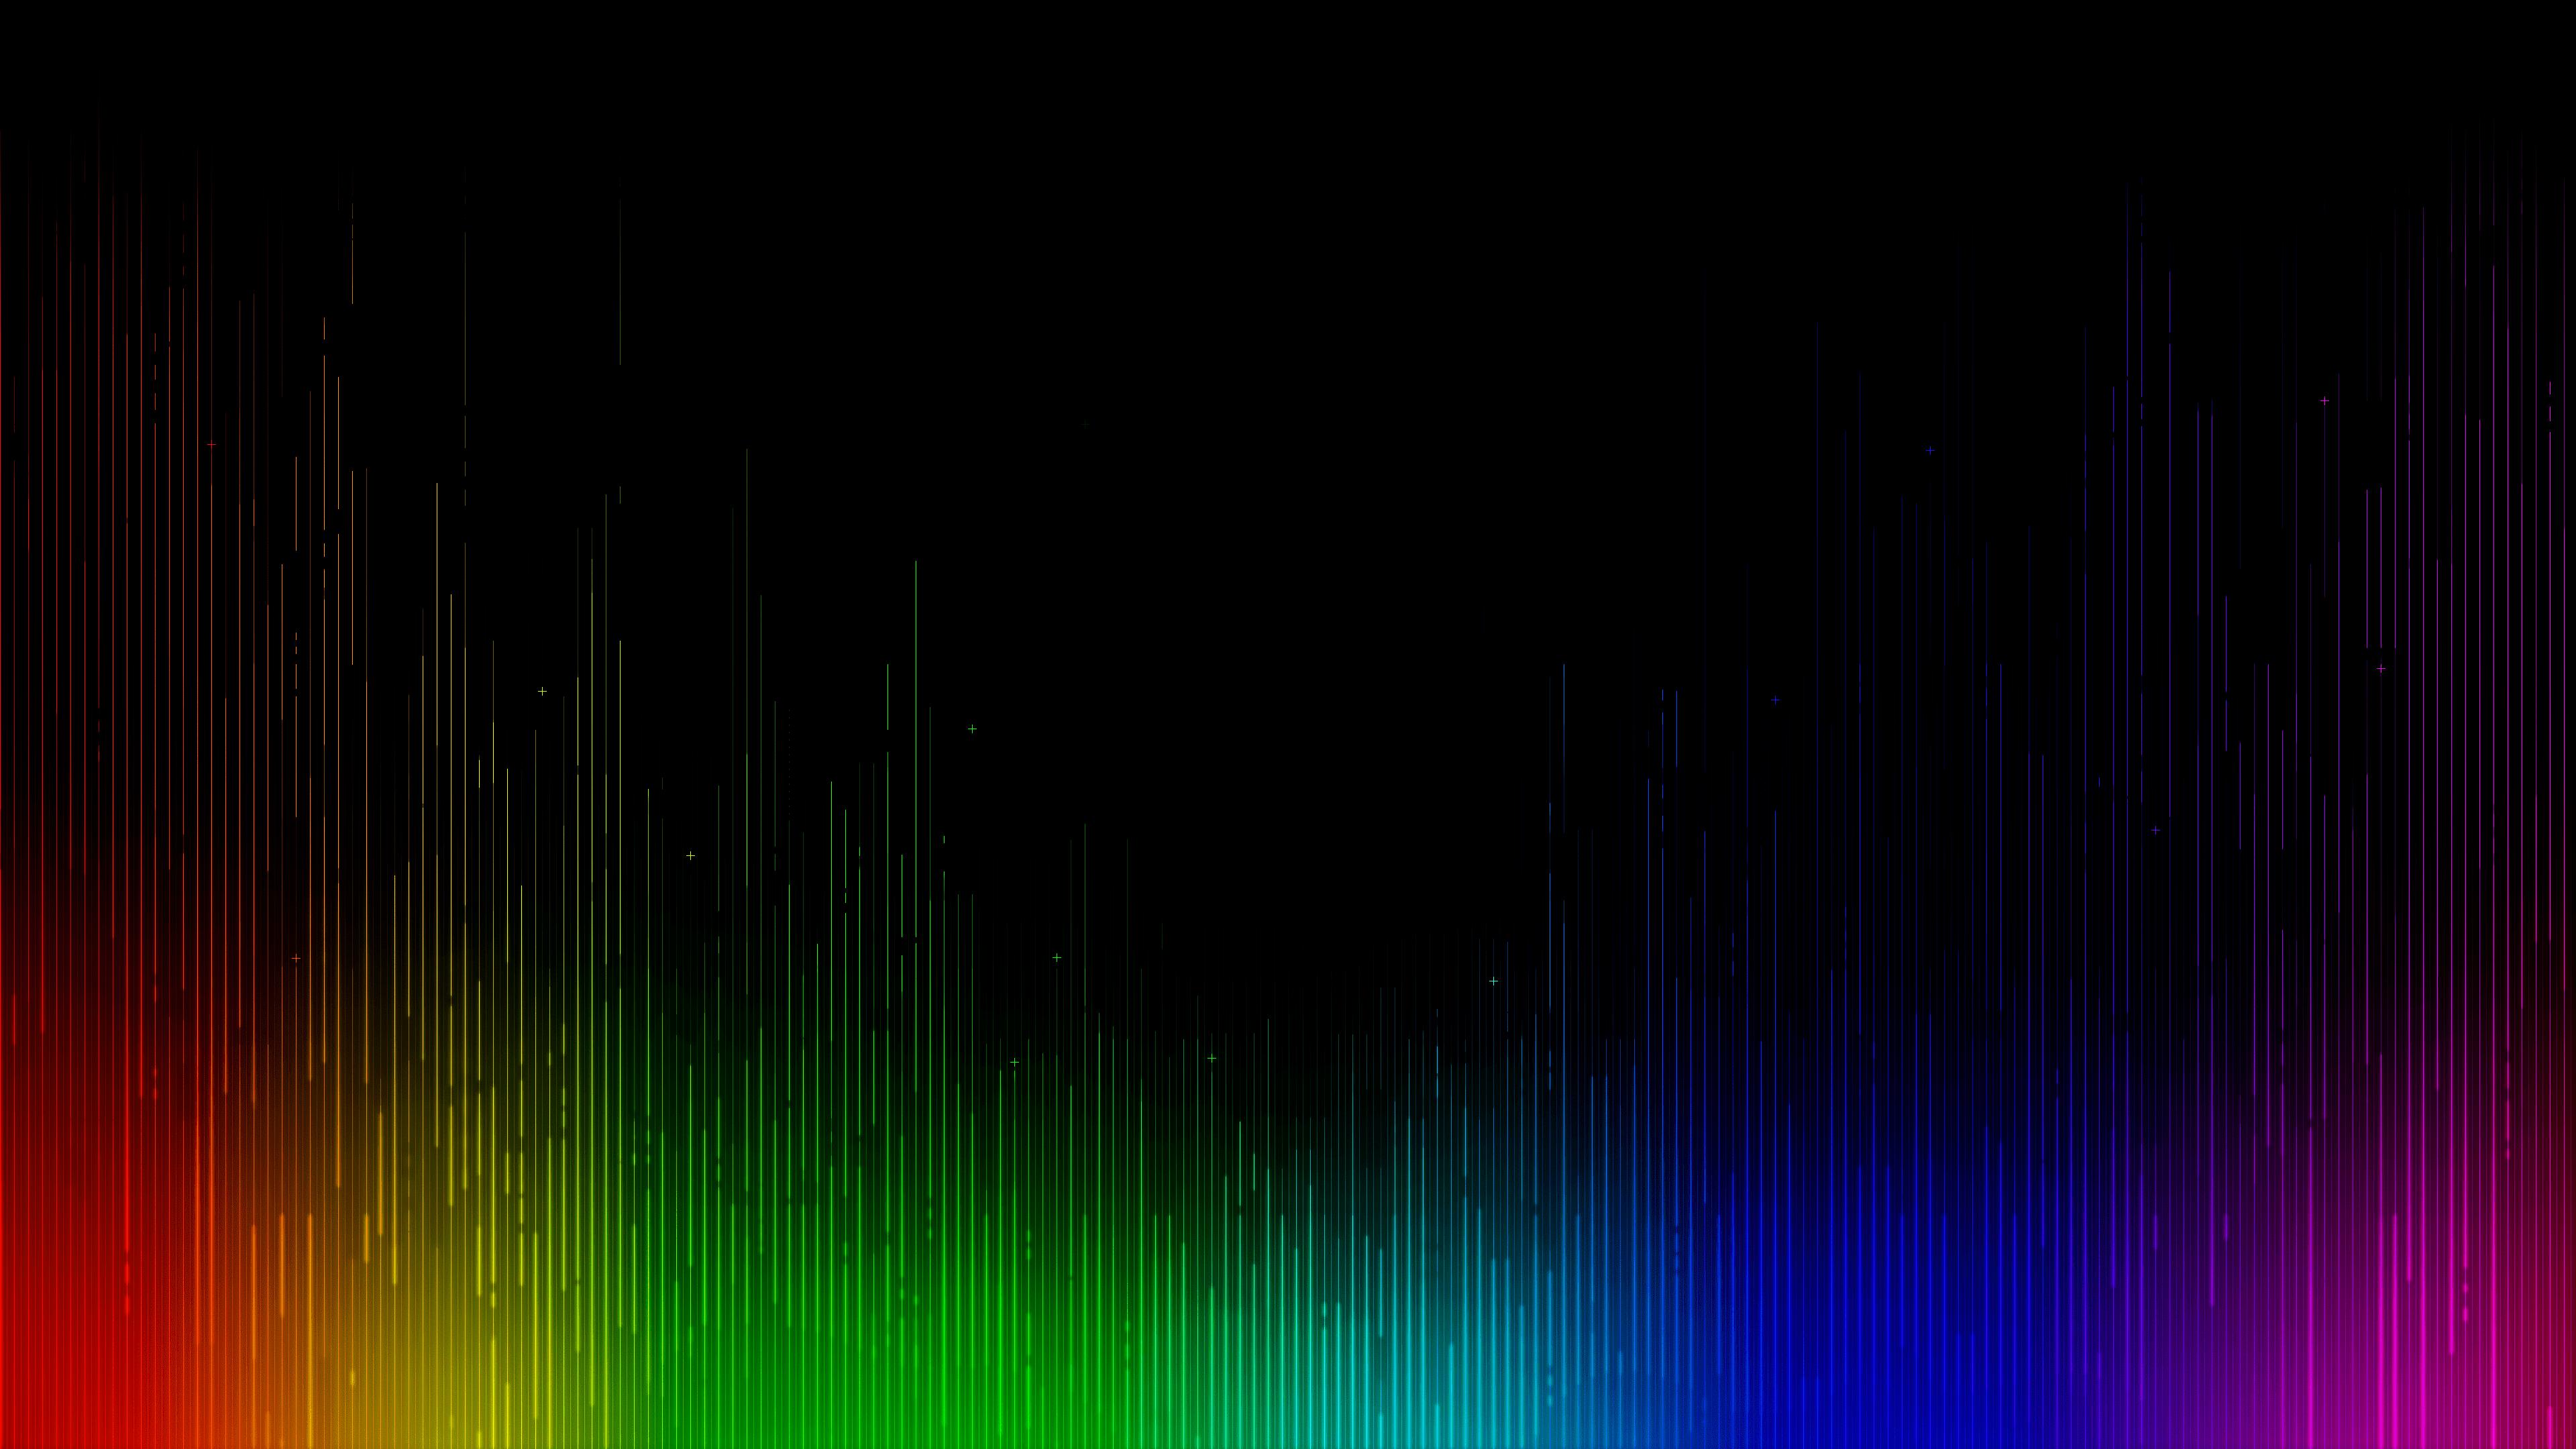 Razer Chroma Wallpaper Without The Razer Logo [3840×2160